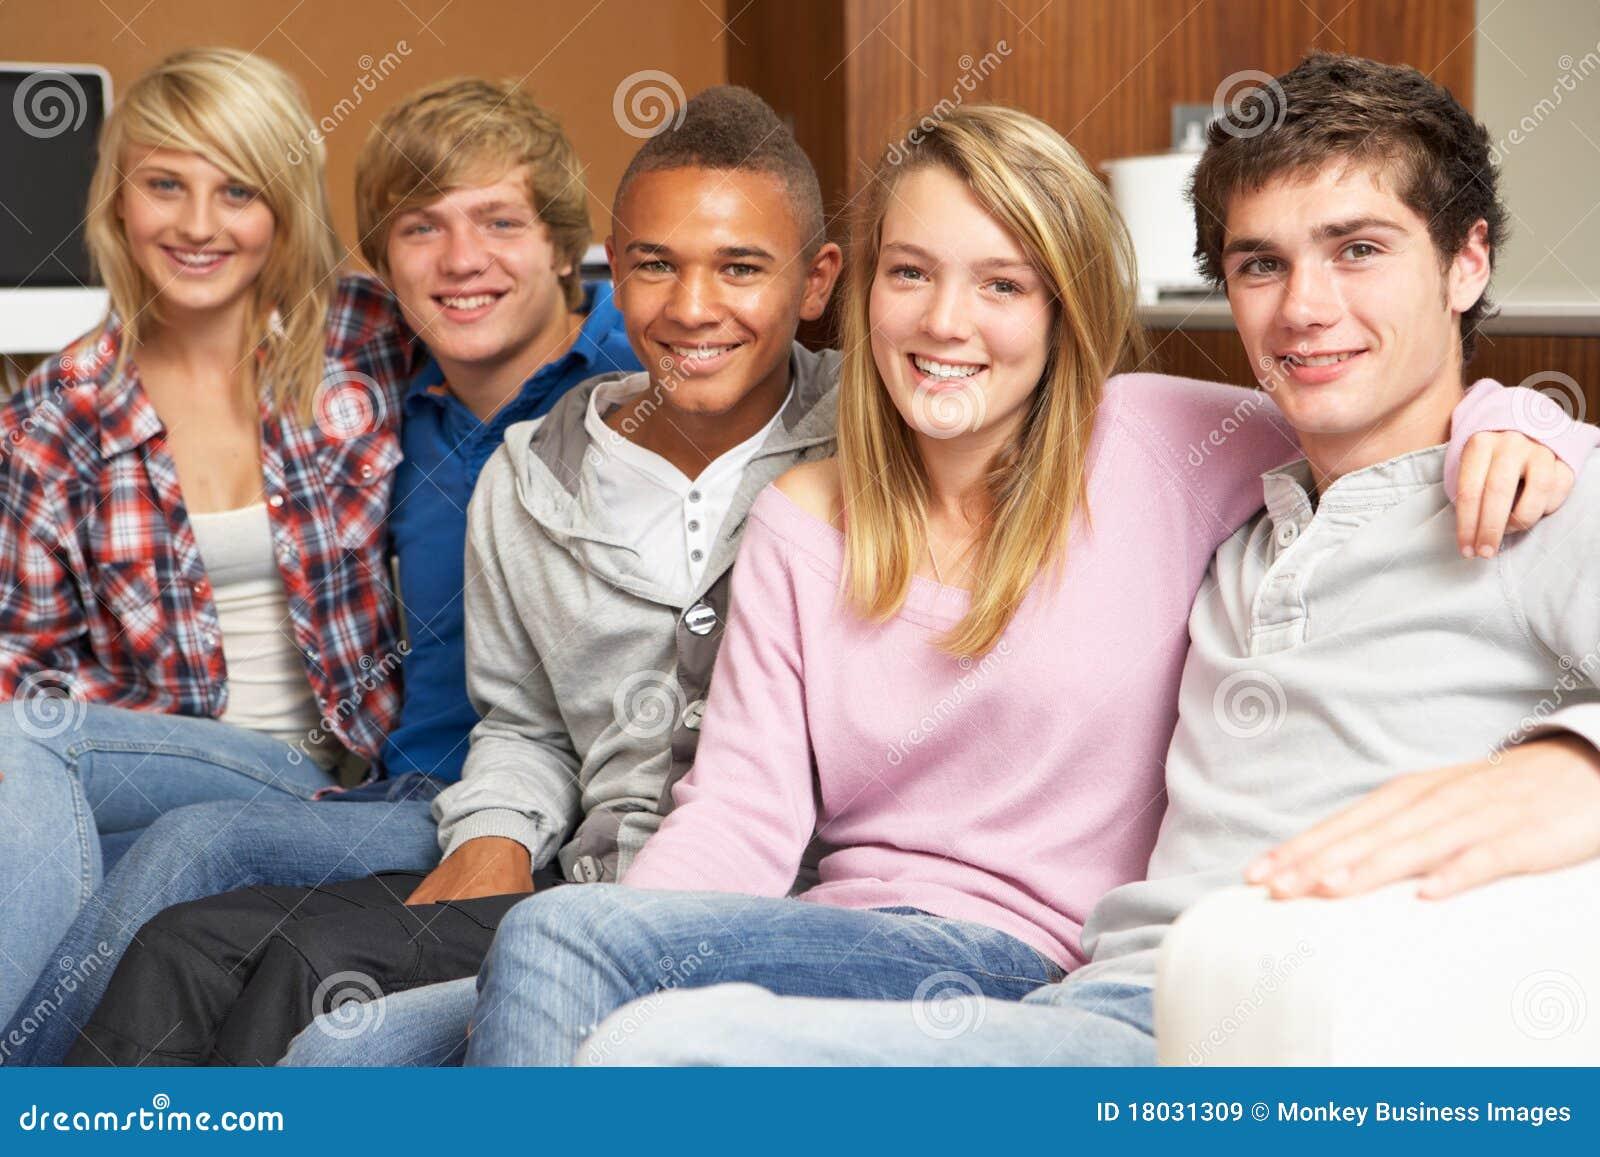 Фото подростков домашние 20 фотография